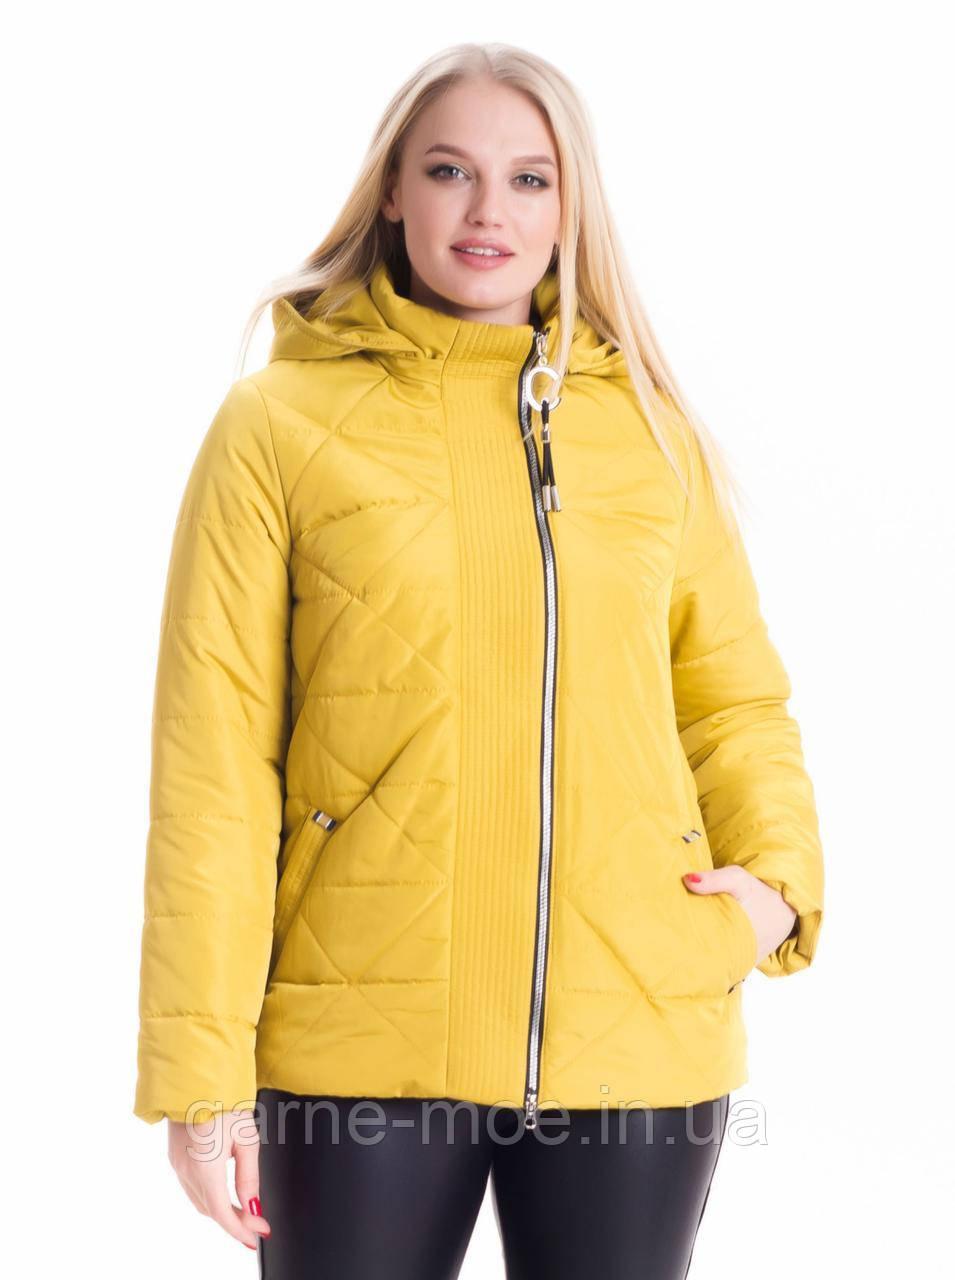 ЛД74 Женская модная куртка 46-66 рр разные цвета